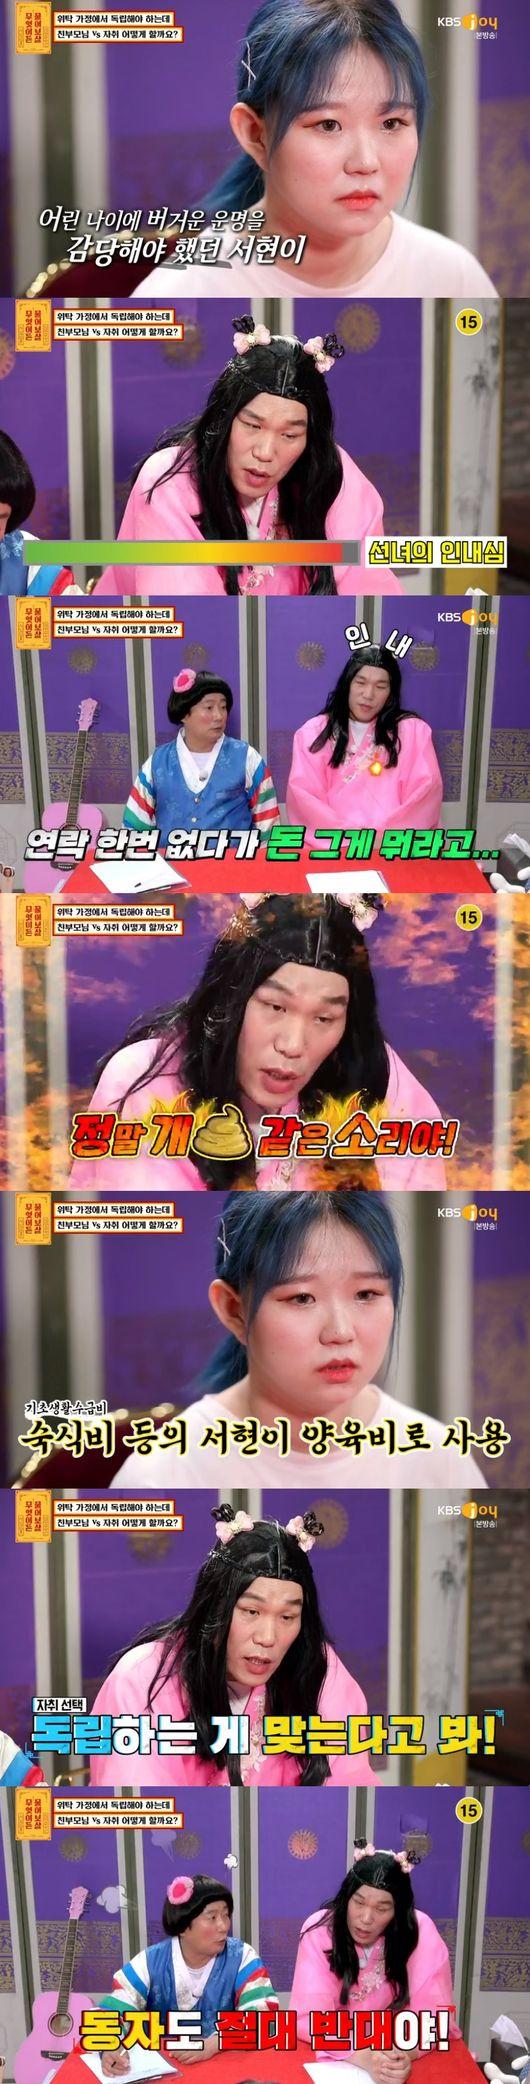 13일 방송된 KBS Joy '무엇이든 물어보살'에서는 정부 지원금 때문에 20년 만에 연락이 온 친부모의 사연을 공개한 20대 여성이 출연했다. 사진=KBS Joy '무엇이든 물어보살'방송 캡처